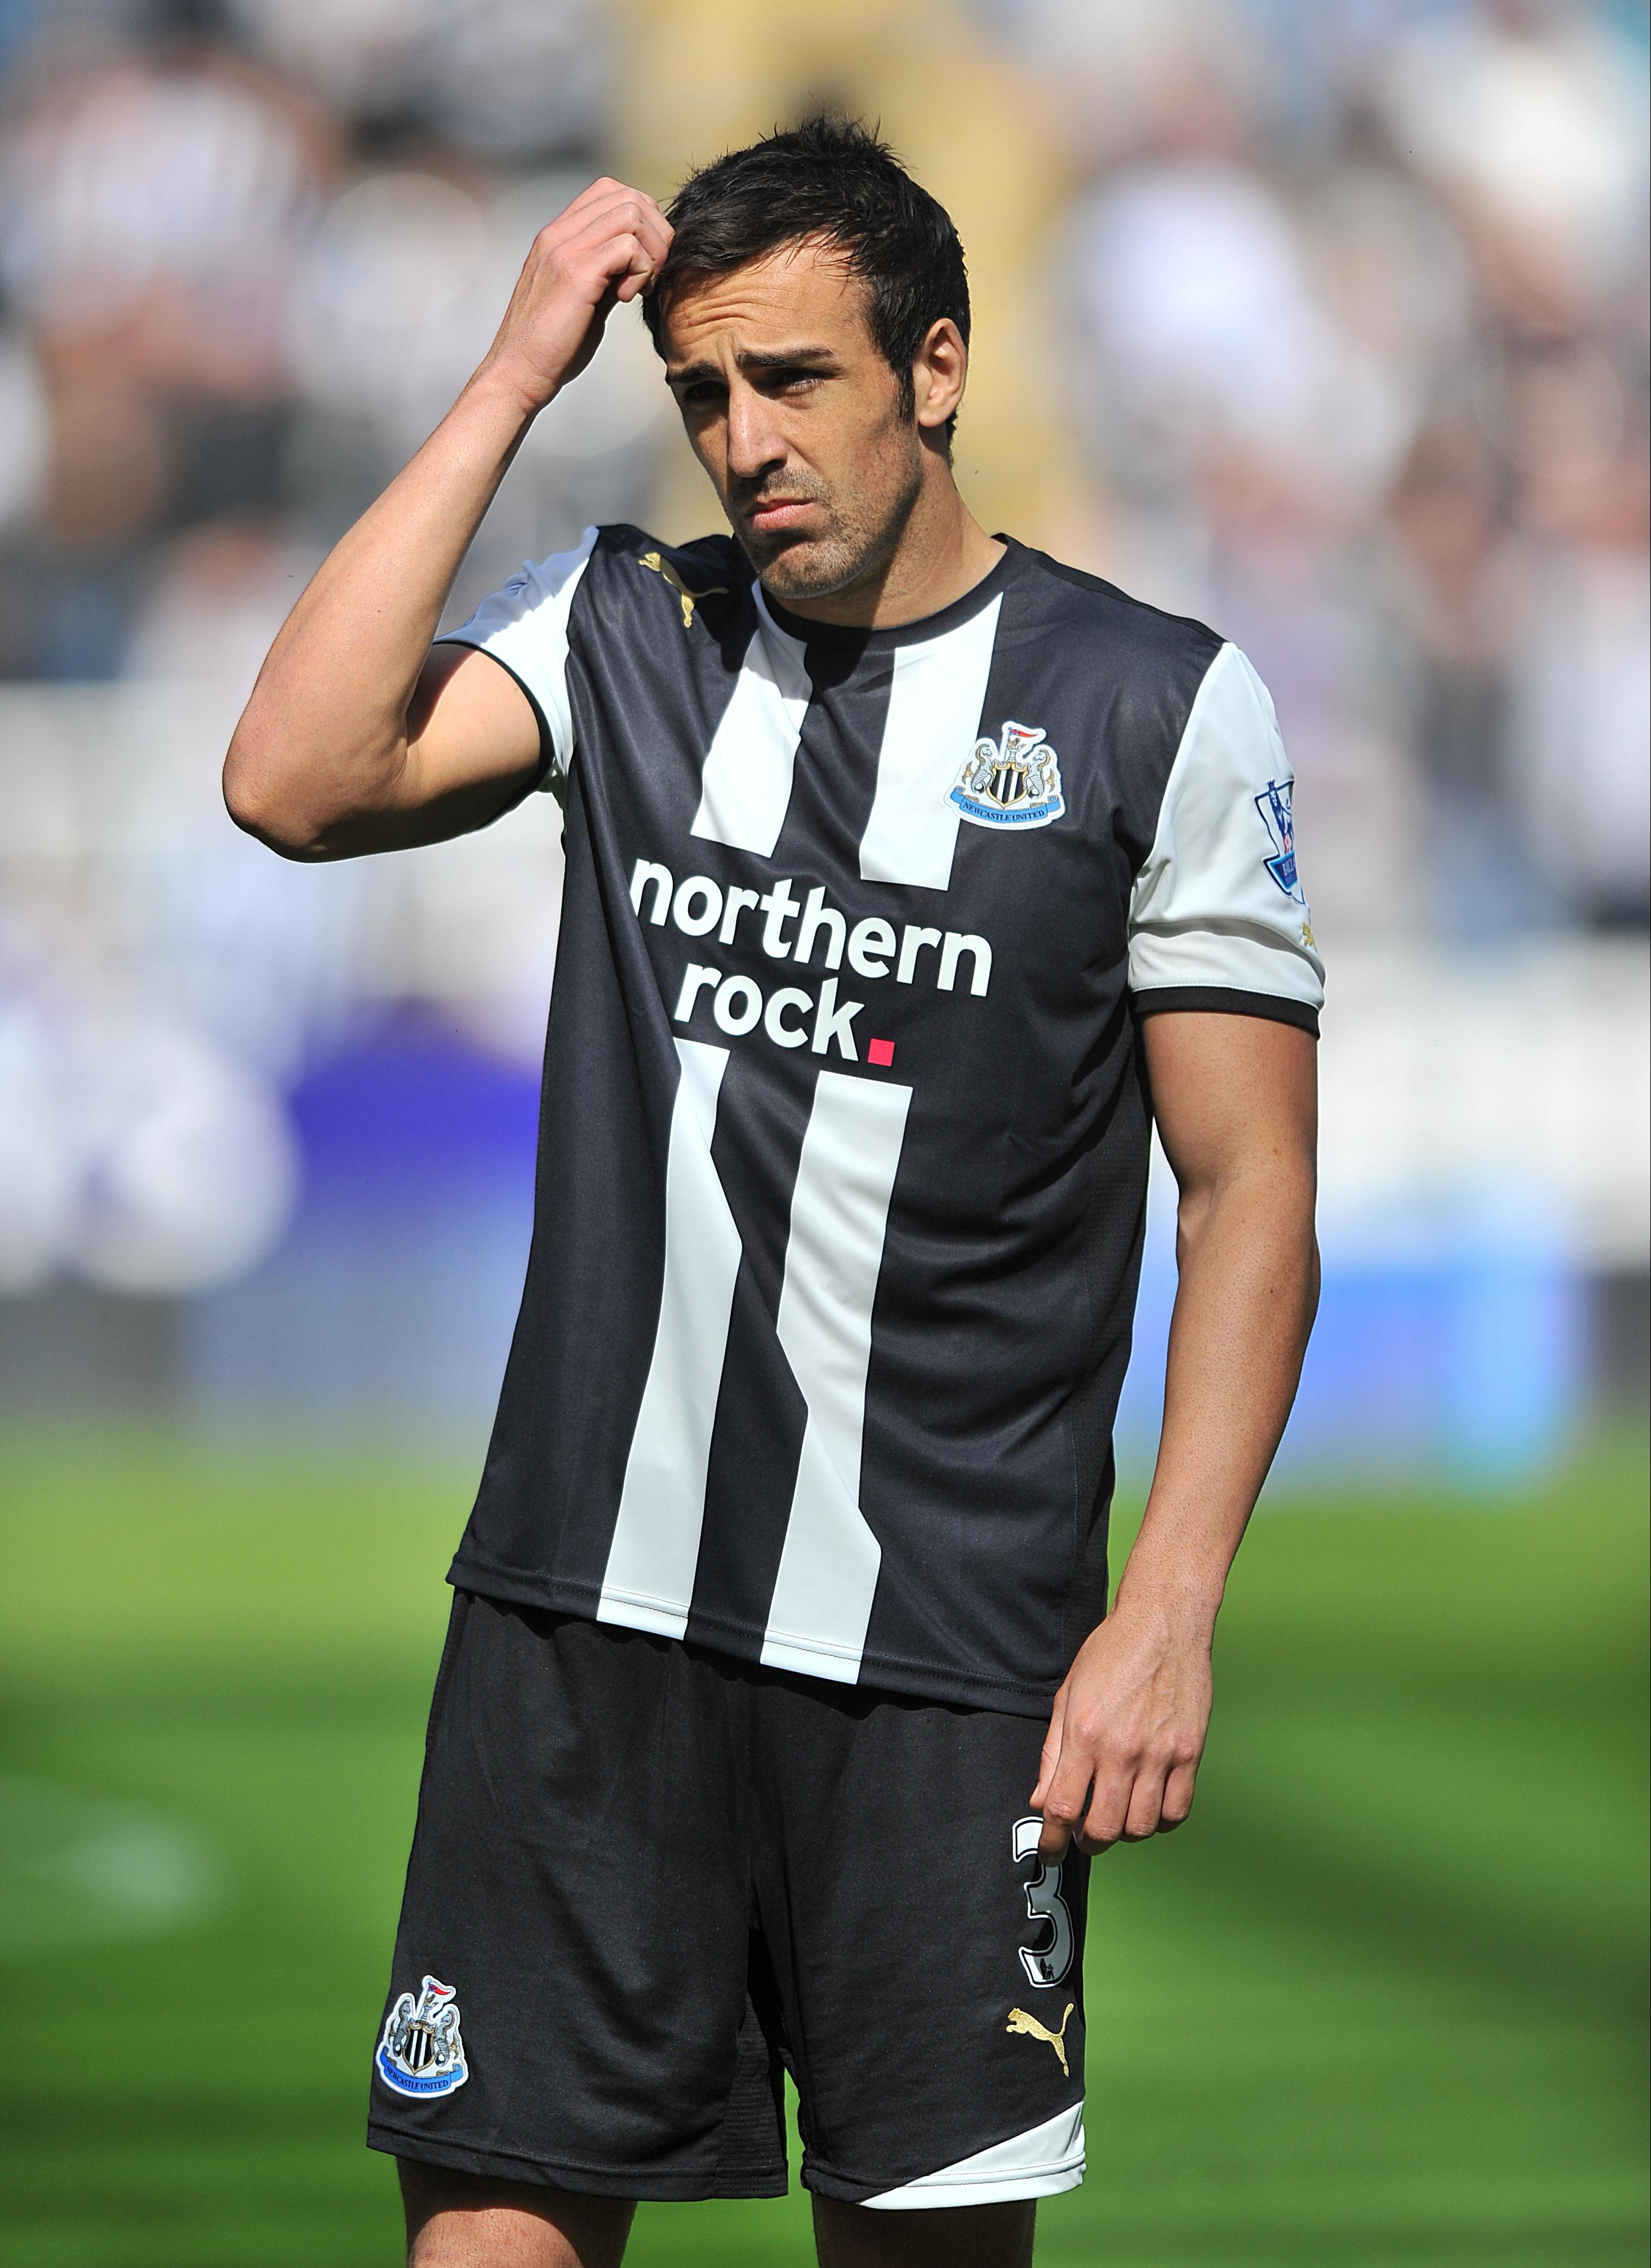 Don't be sad, Jose